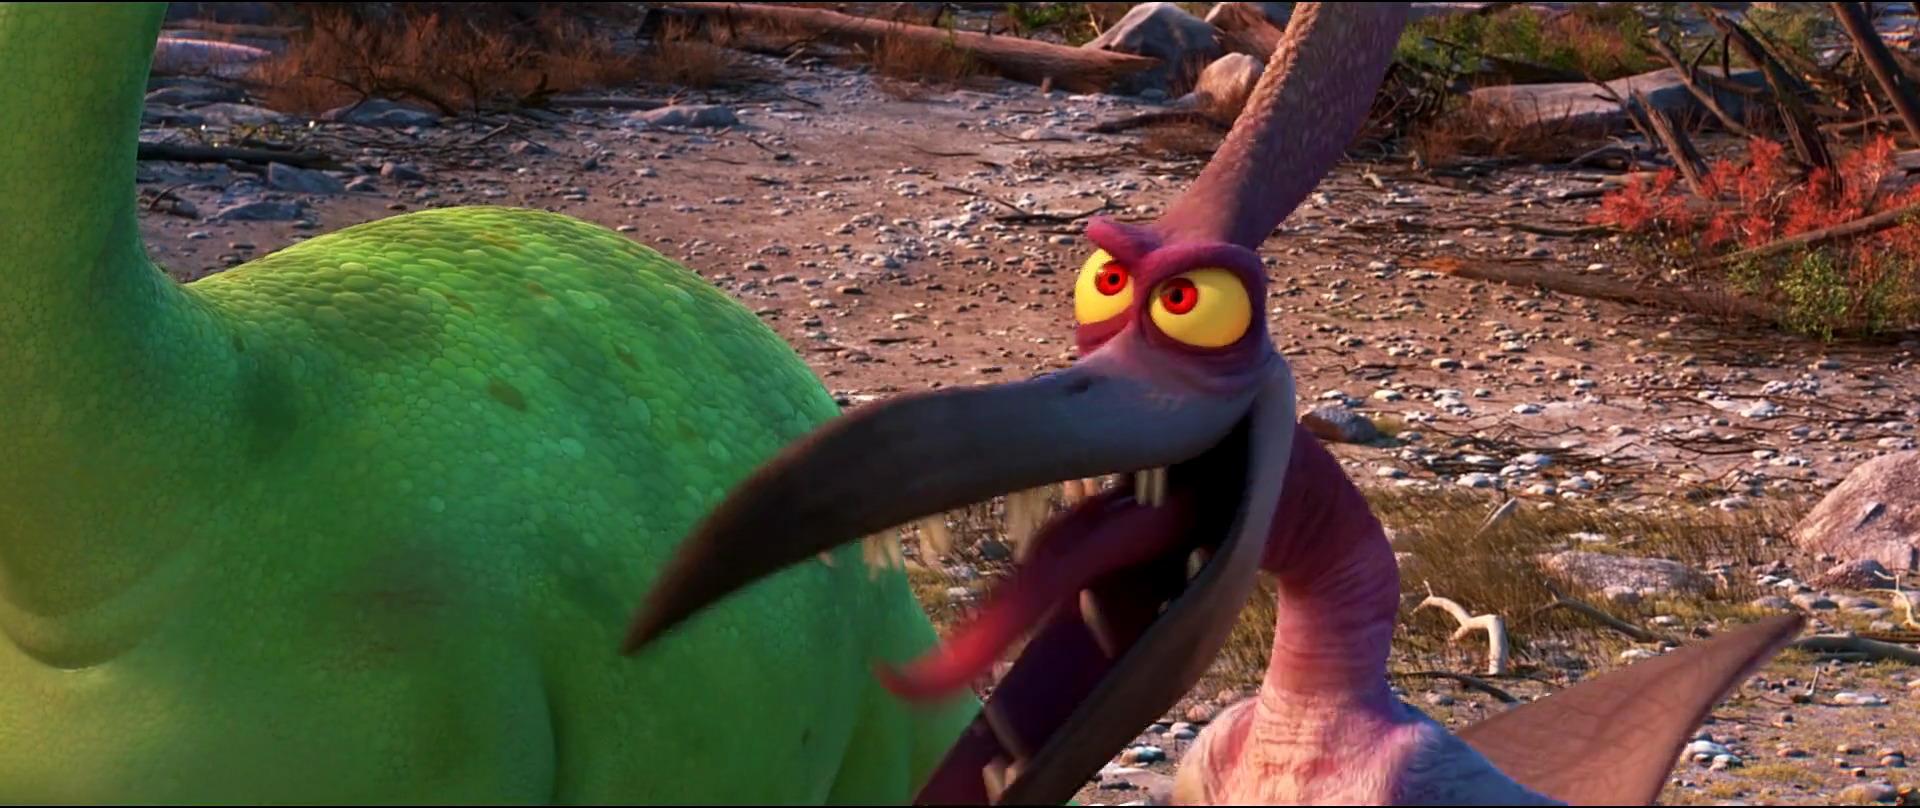 déluge coldfront personnage character pixar disney voyage arlo good dinosaur